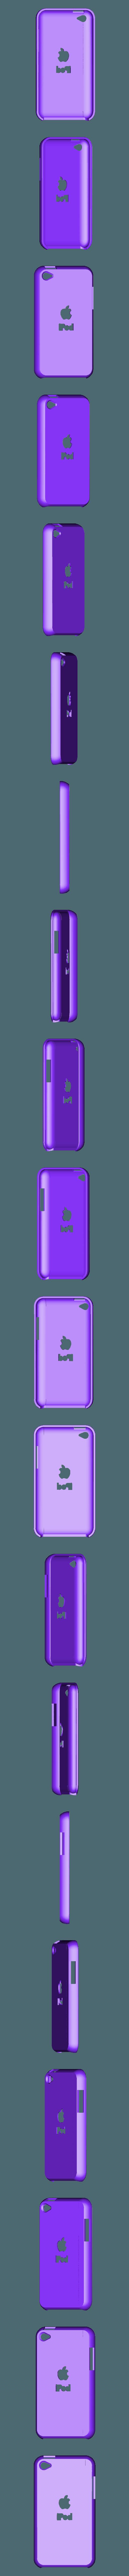 iP4_case.stl Télécharger fichier SCAD gratuit Étuis pour iPod 4 Touch • Plan imprimable en 3D, Wachet